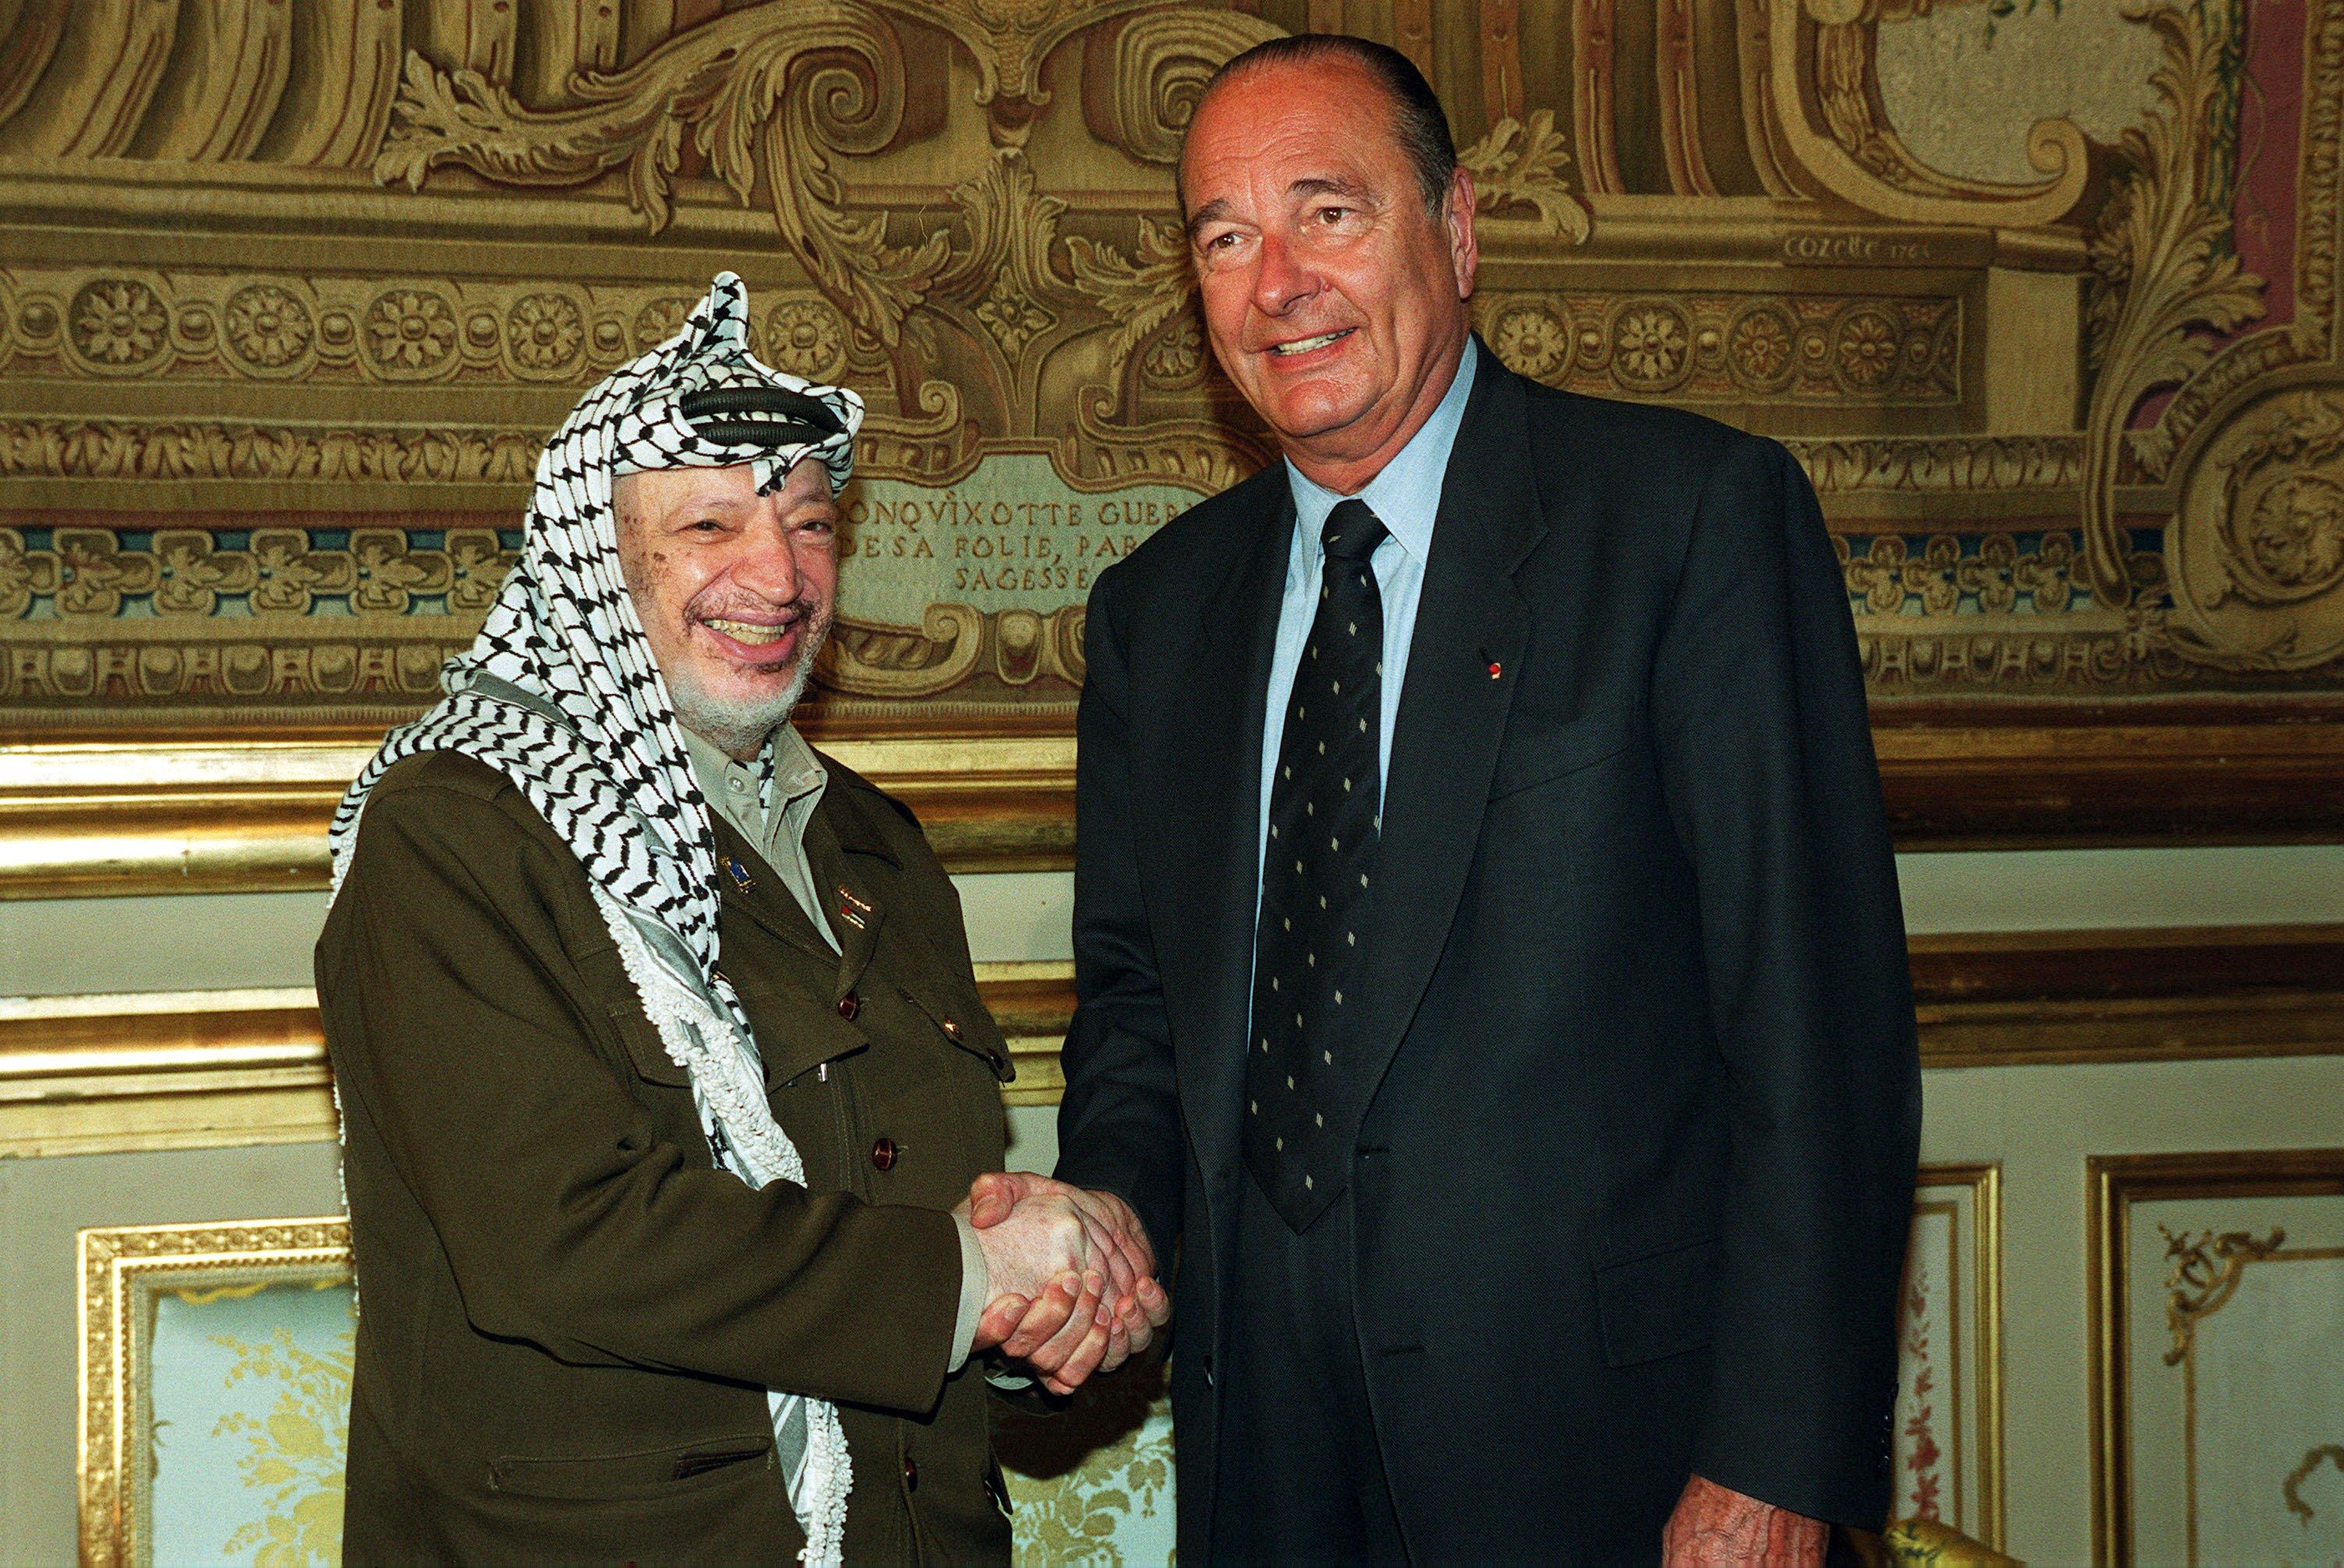 الراحل جاك شيراك... صديق فلسطين والرئيس الذي أحبه العرب